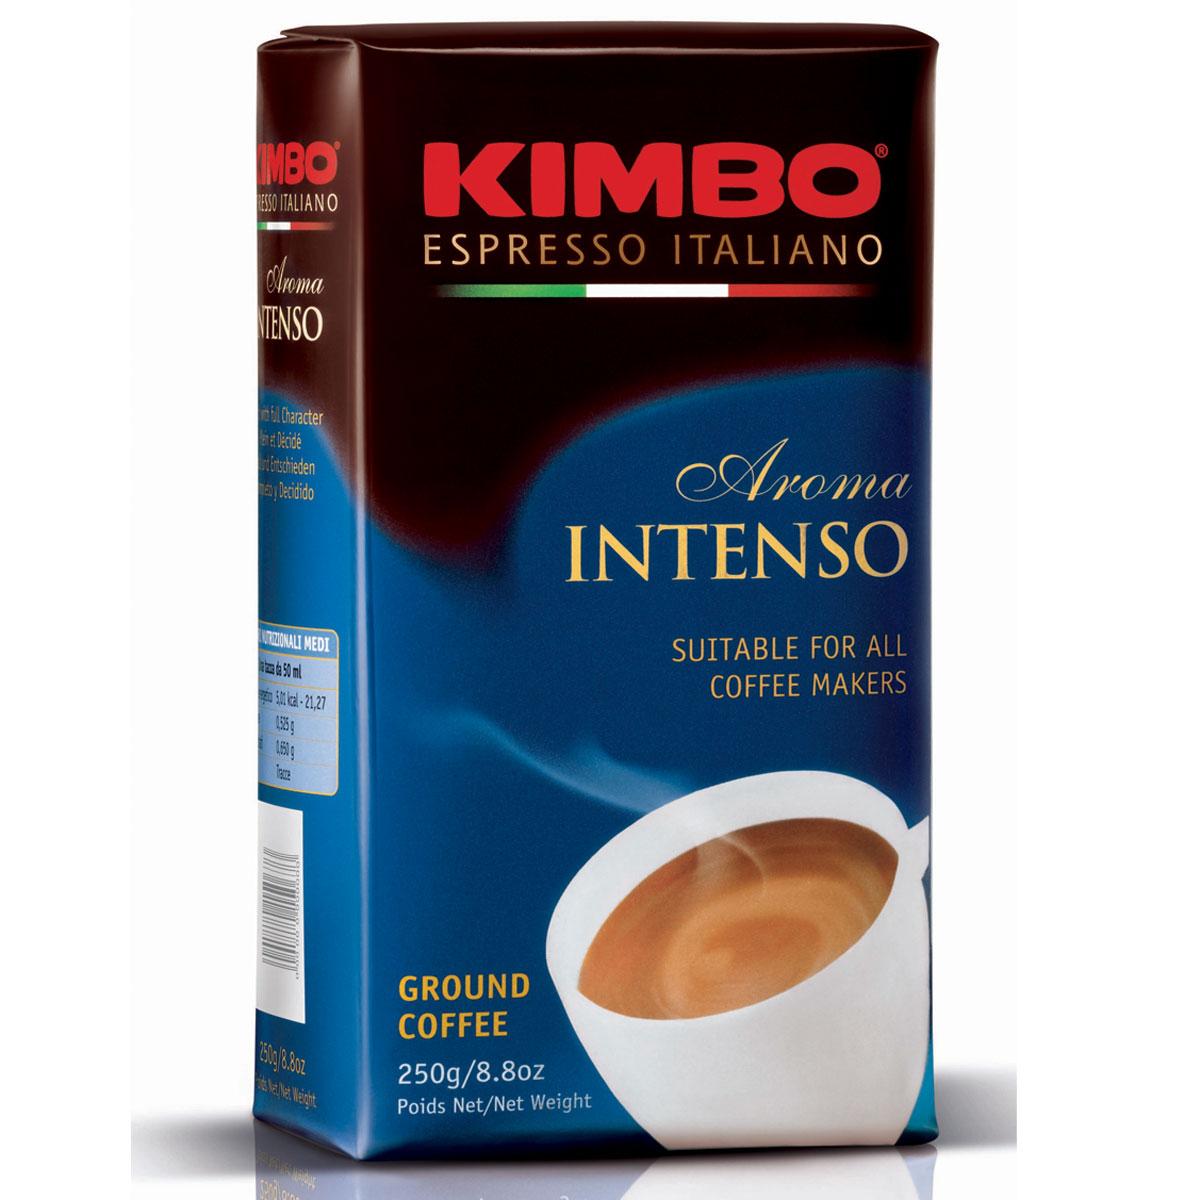 Kimbo Aroma Intenso кофе молотый, 250 г8002200601119Натуральный жареный молотый кофе Kimbo Aroma Intenso. Крепкий кофе с шоколадным послевкусием и ярким ароматом. Изысканная смесь арабики и робусты придаёт «Кимбо Арома Интенсо» насыщенный вкус. Состав смеси: 80% арабика, 20% робуста.